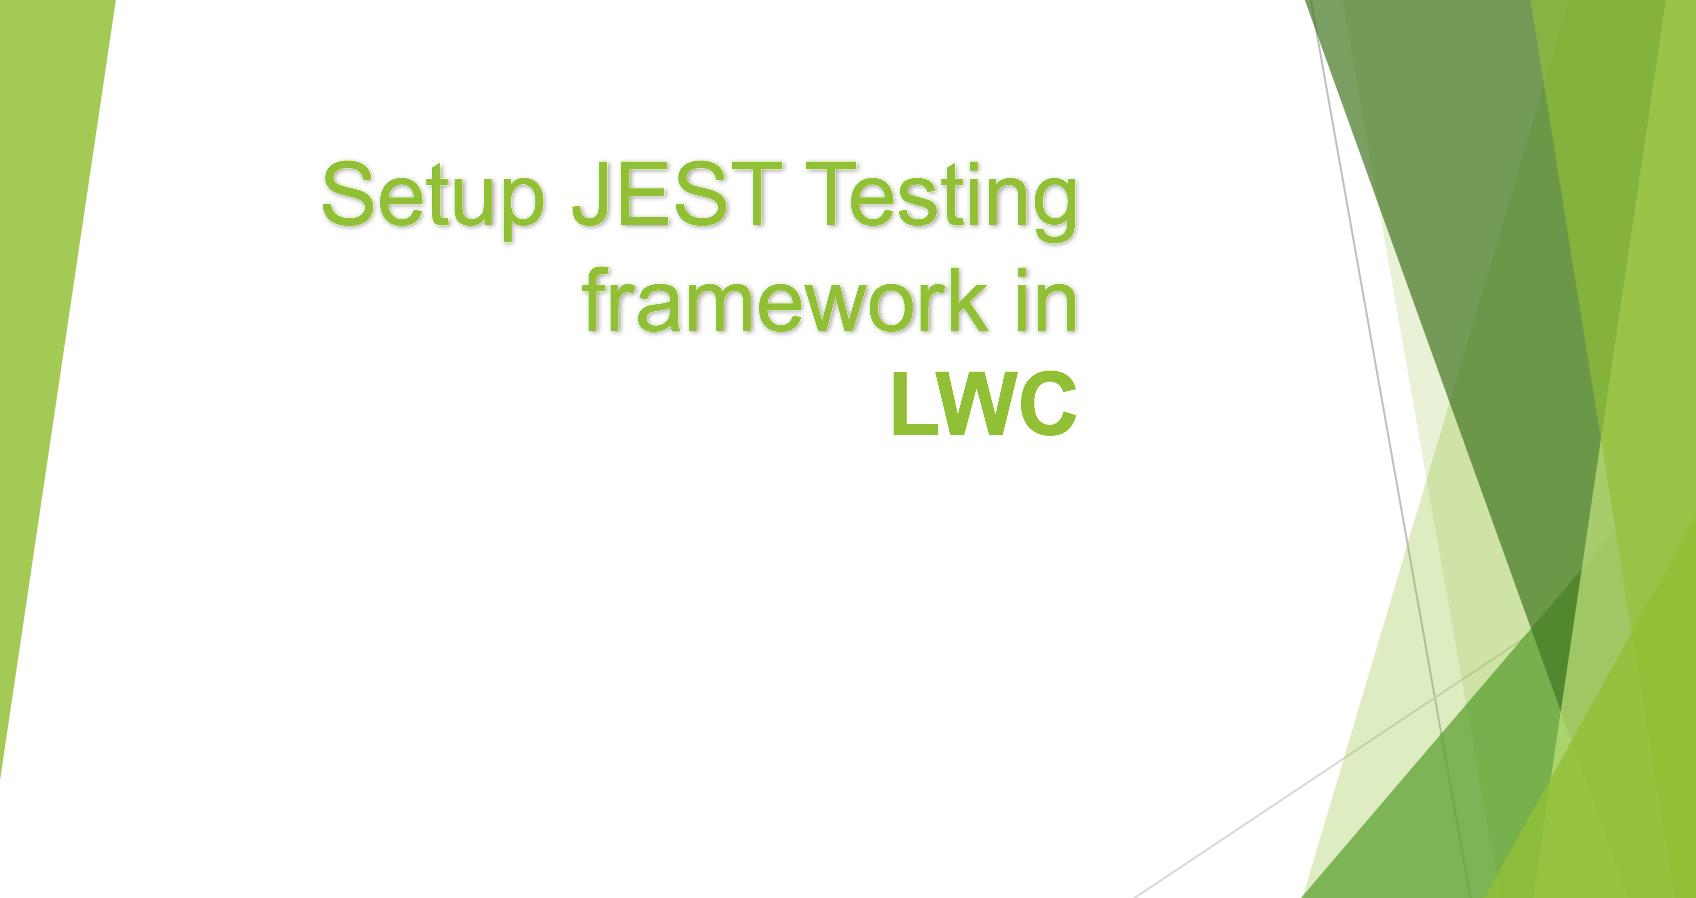 Setup JEST unit Testing Framework for Lightning Web Components